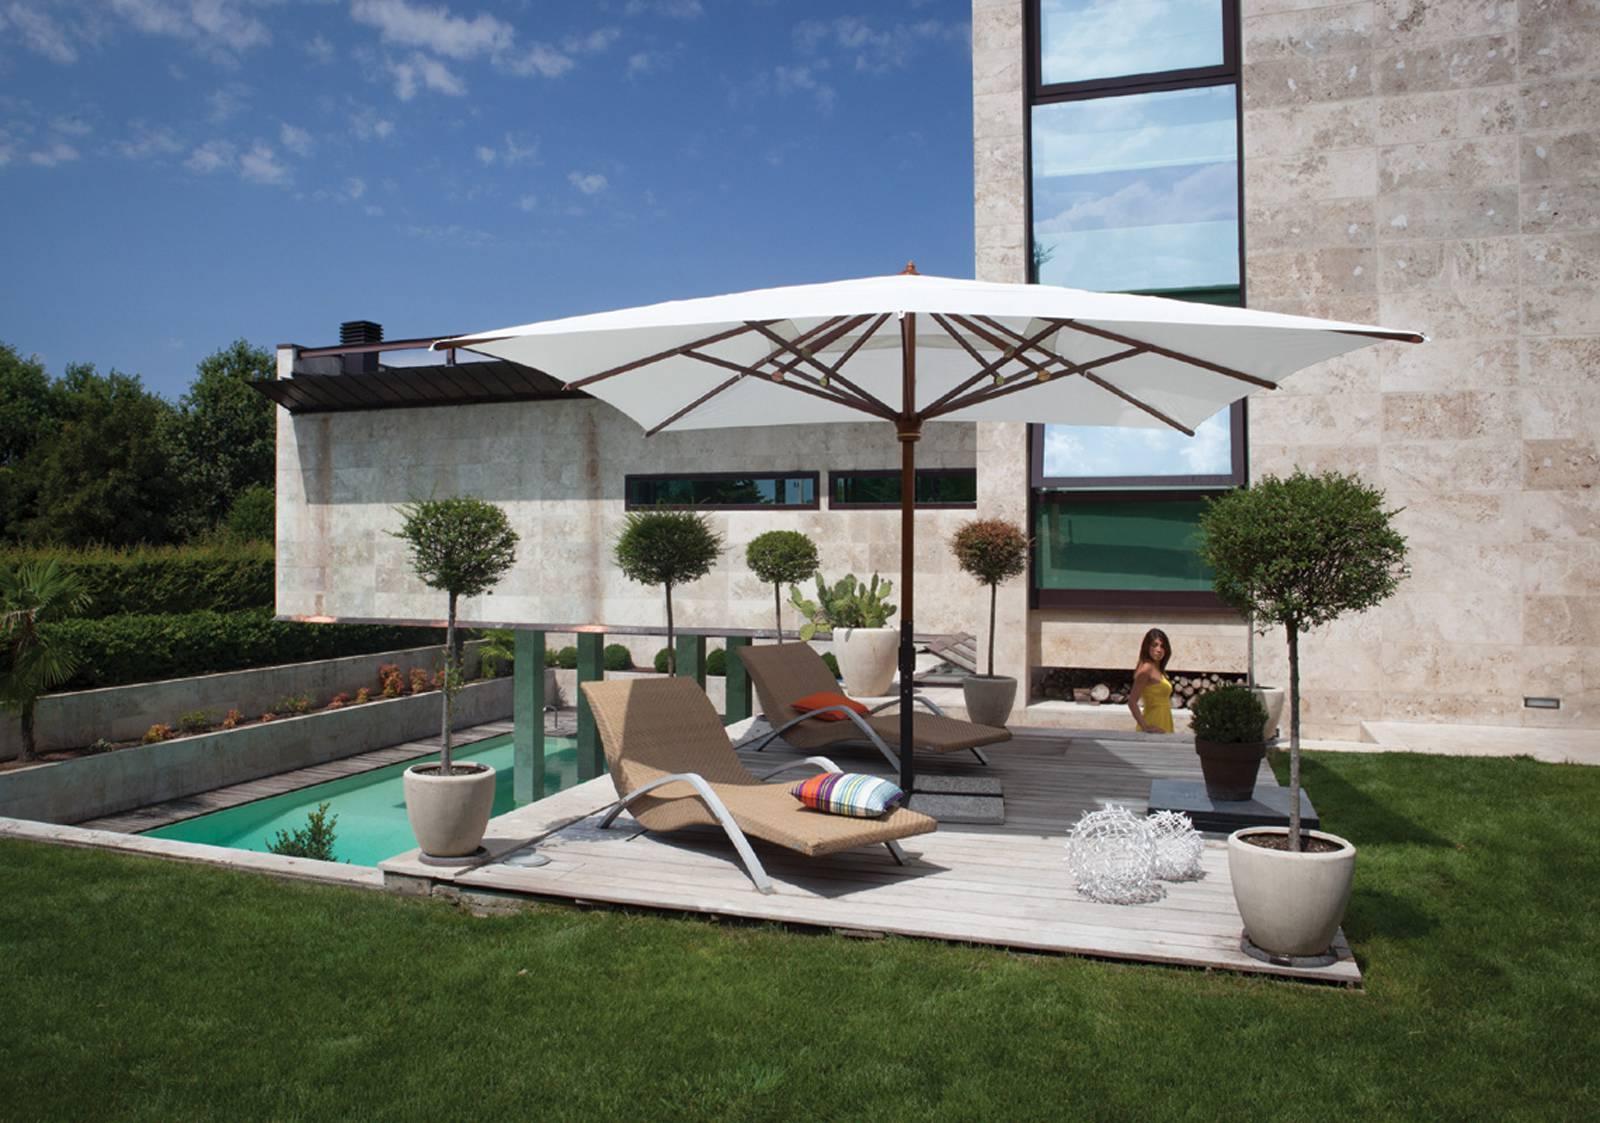 Vendita gazebi e ombrelloni giardino paolo spotti cremona - Gazebo per terrazza ...